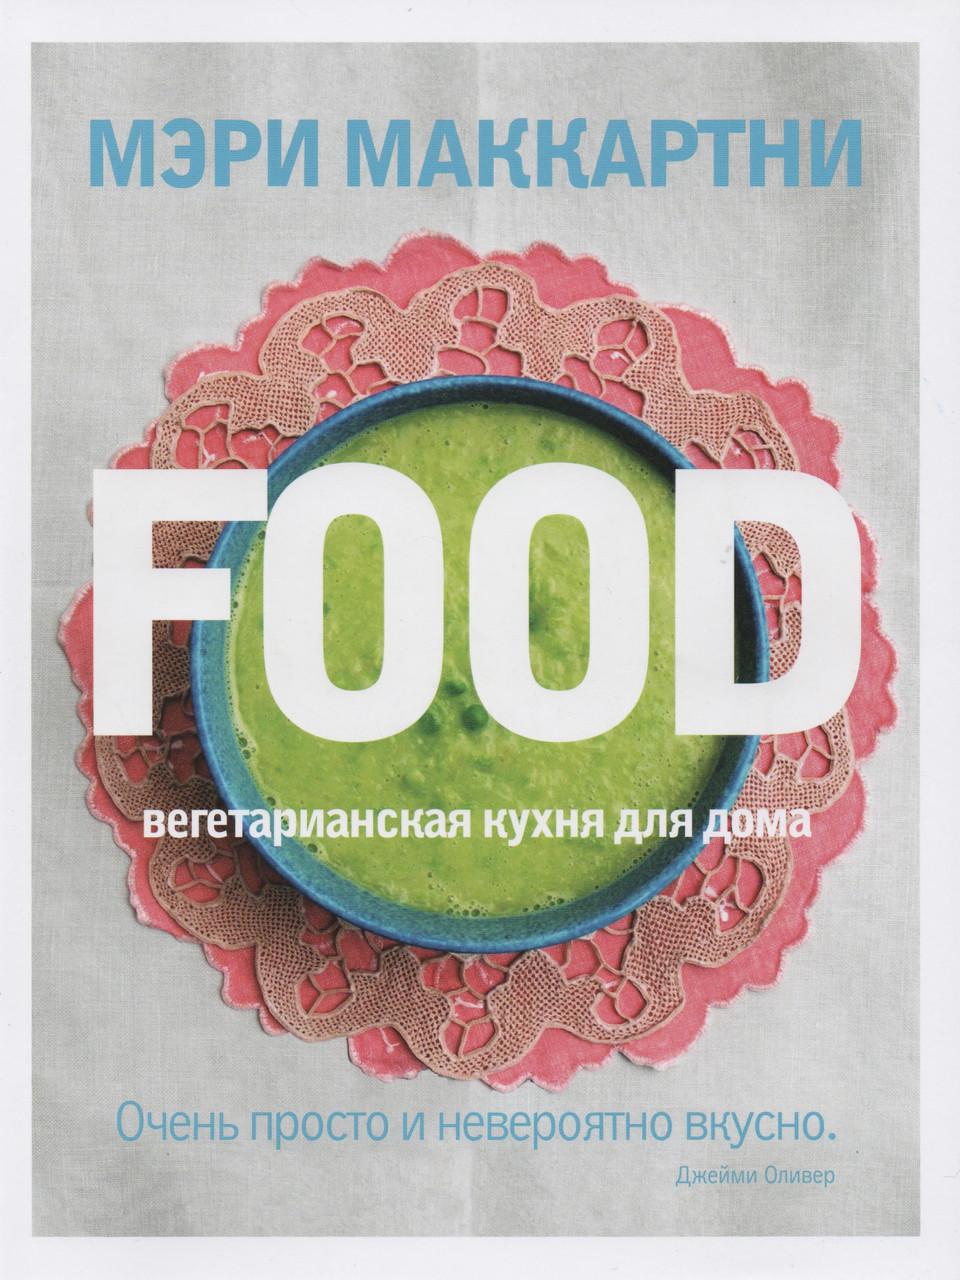 FOOD вегетарианская кухня для дома. Мэри Маккартни